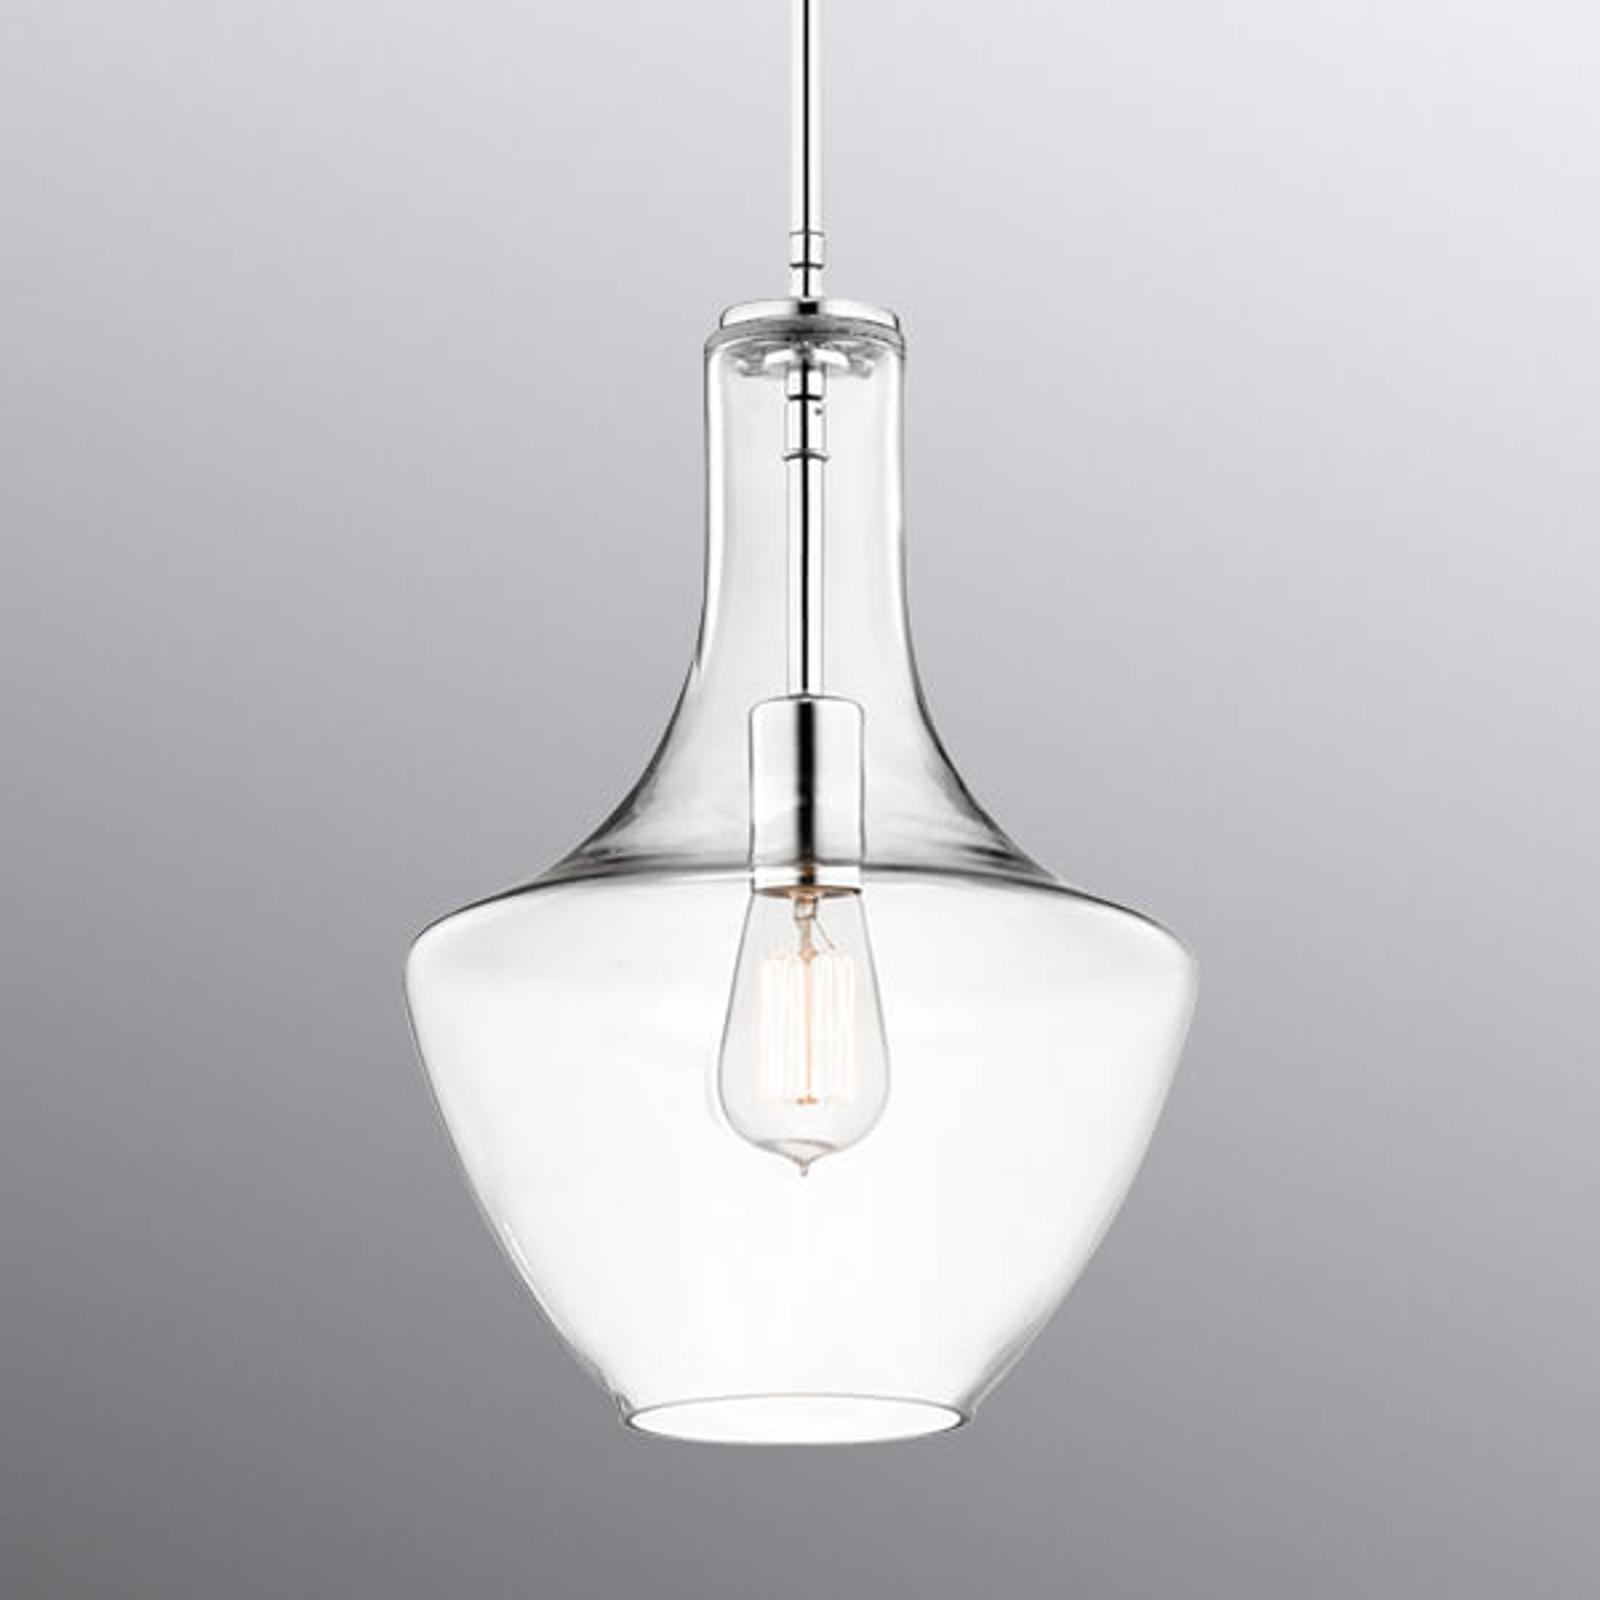 Mała lampa wisząca Everly, szkło, oprawa chrom